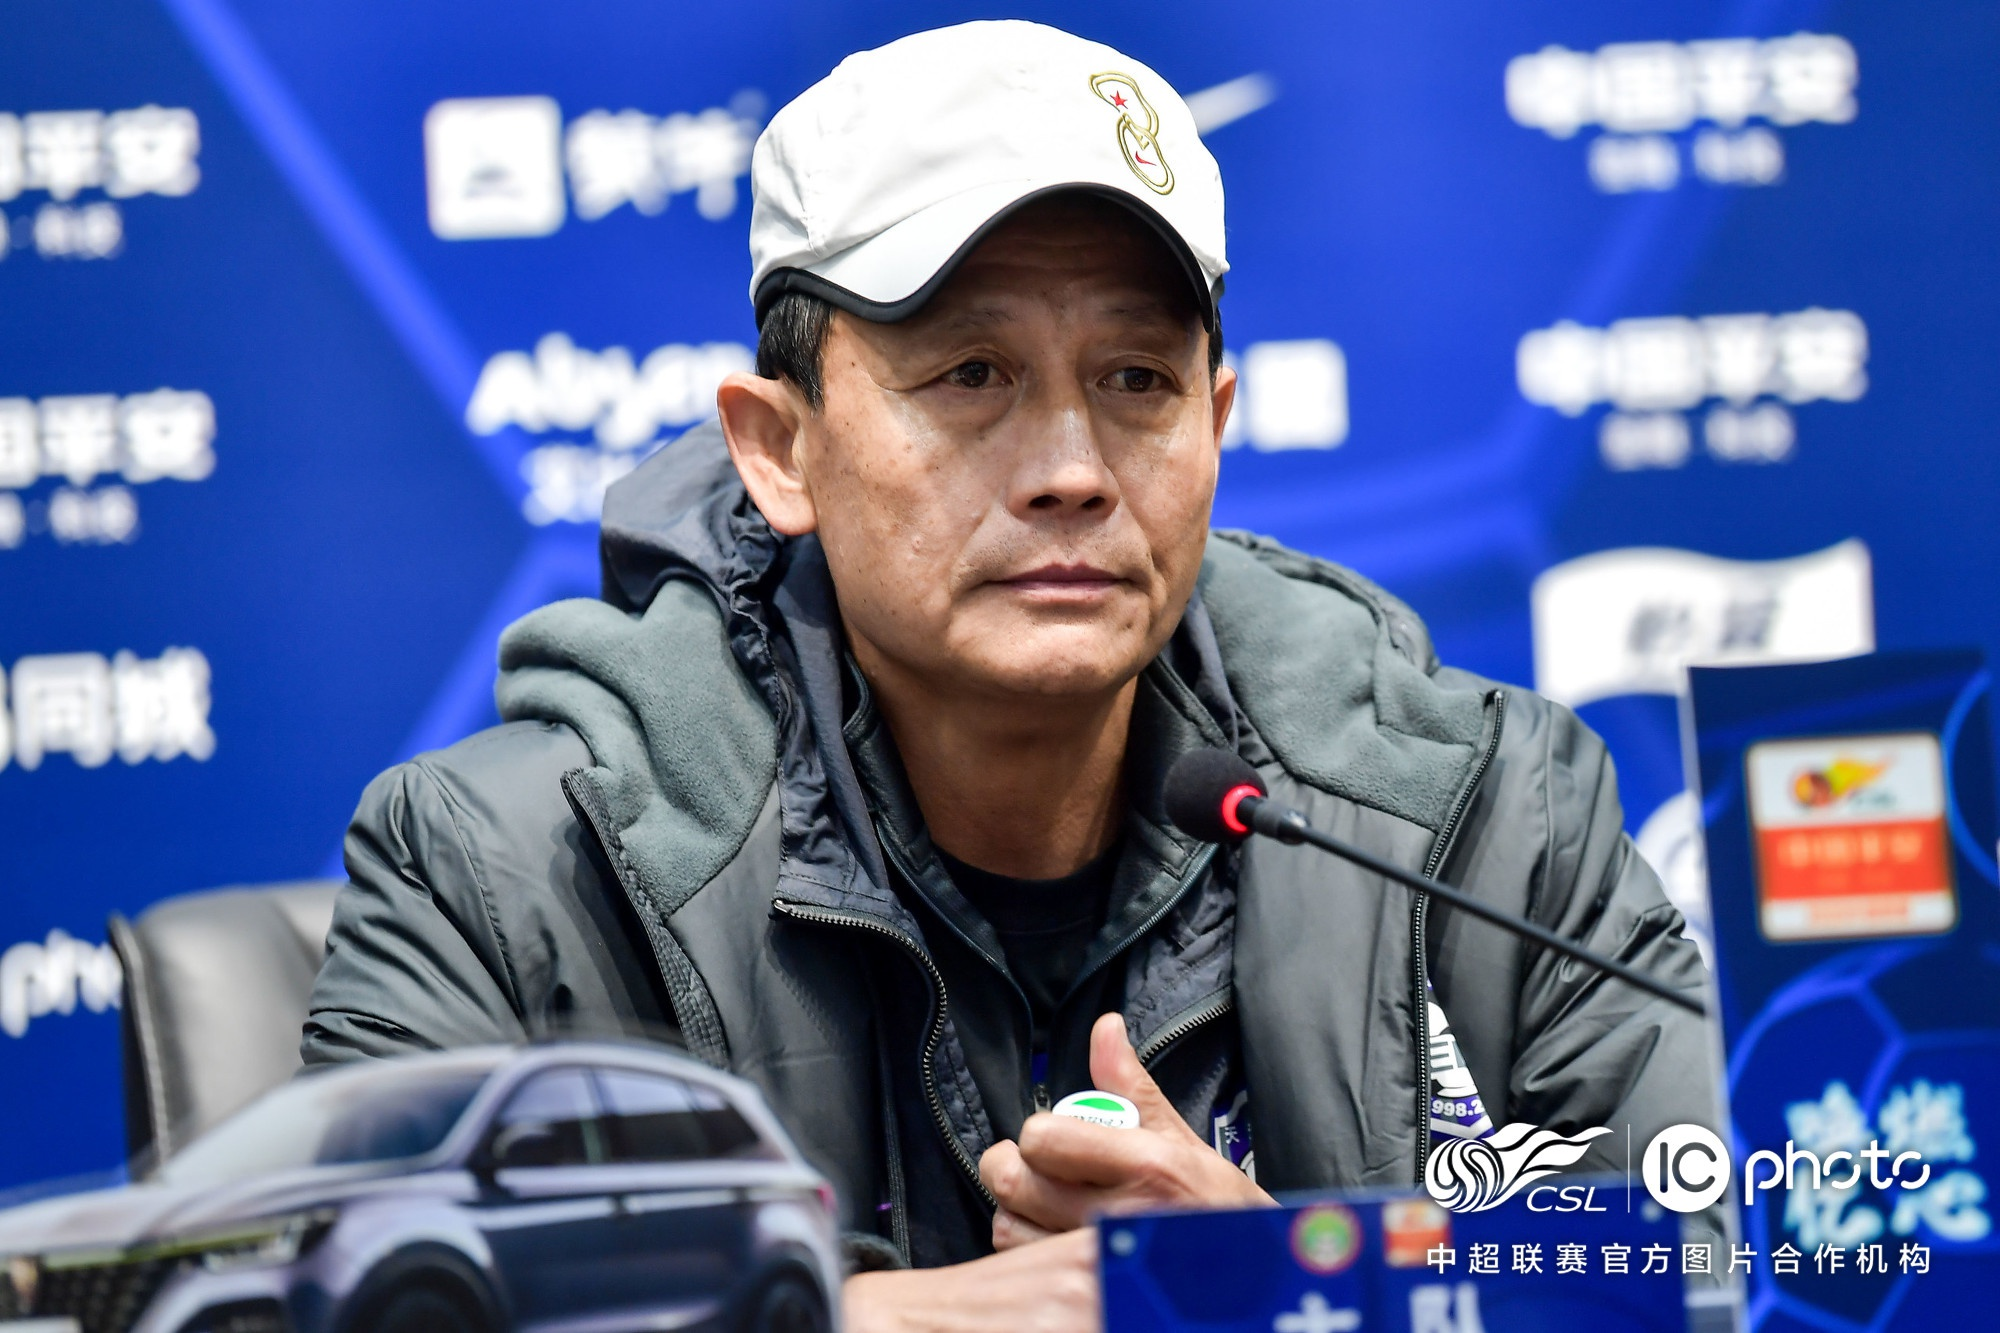 王宝山:落后时没有过于担心 团队比利马进球重要